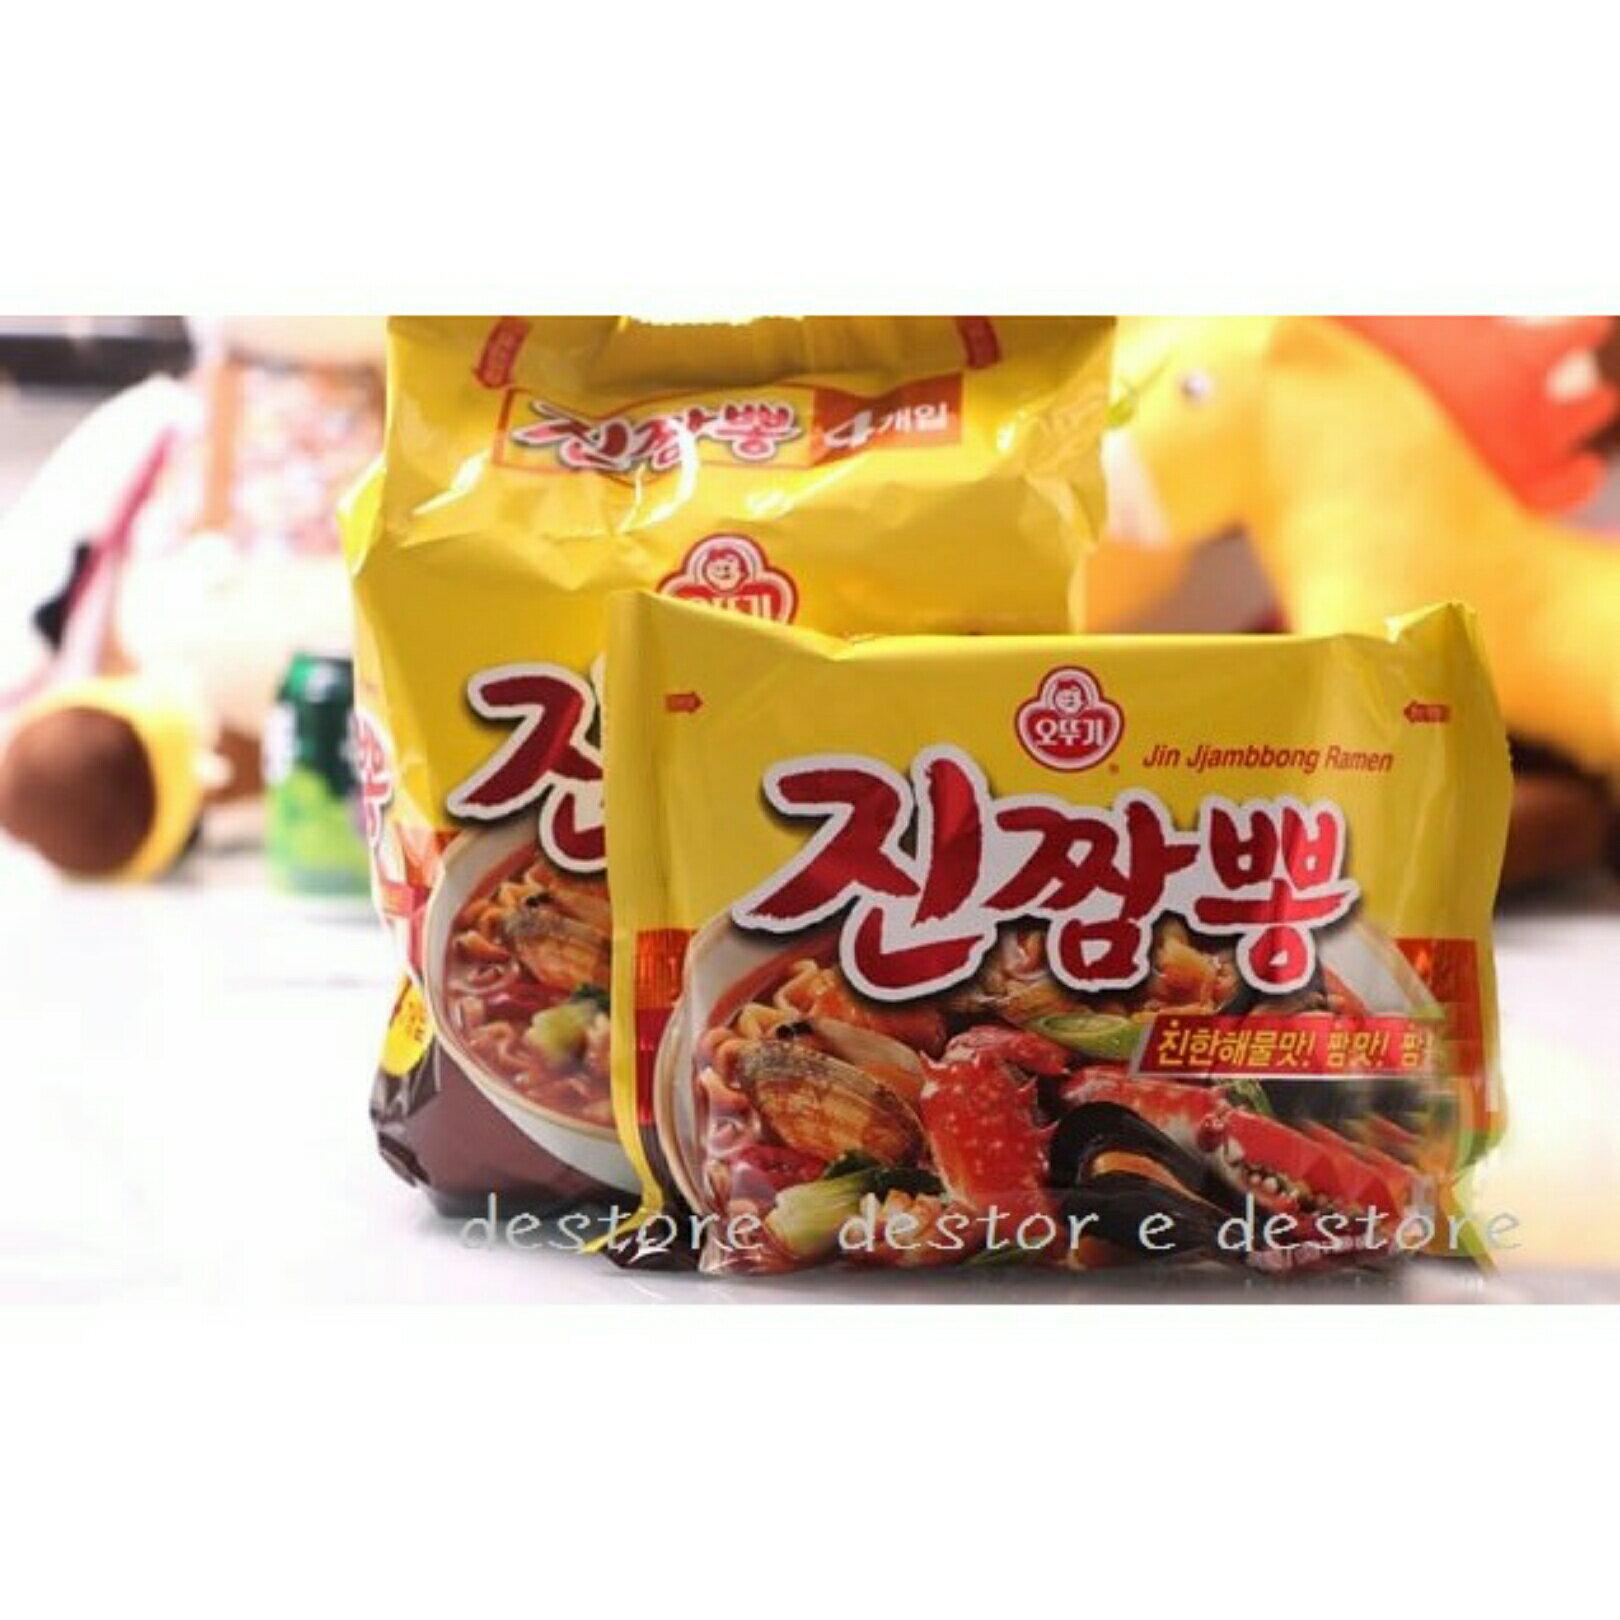 有樂町進口食品 韓流來襲 不倒翁r金螃蟹炒碼麵 130g 8801045522678 1